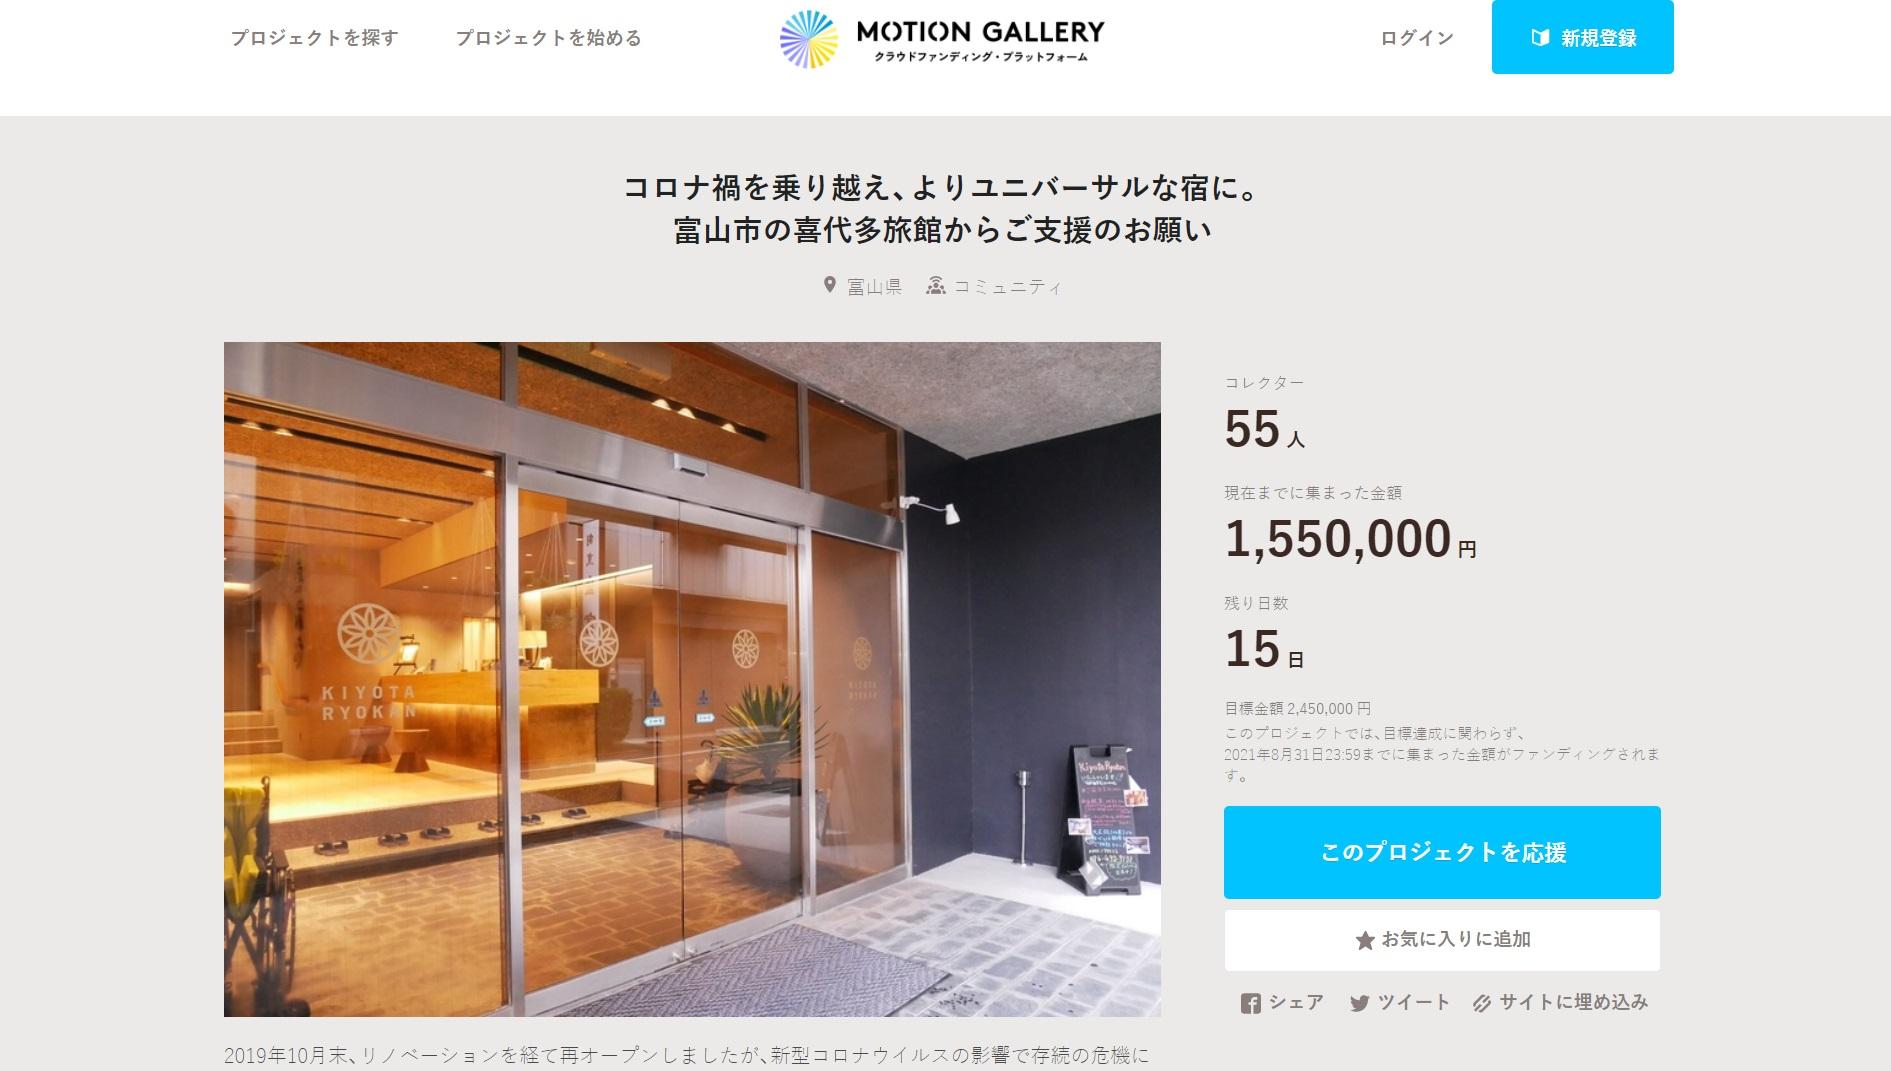 喜代多旅館さんモーションギャラリーでクラウンドファンディング開始!